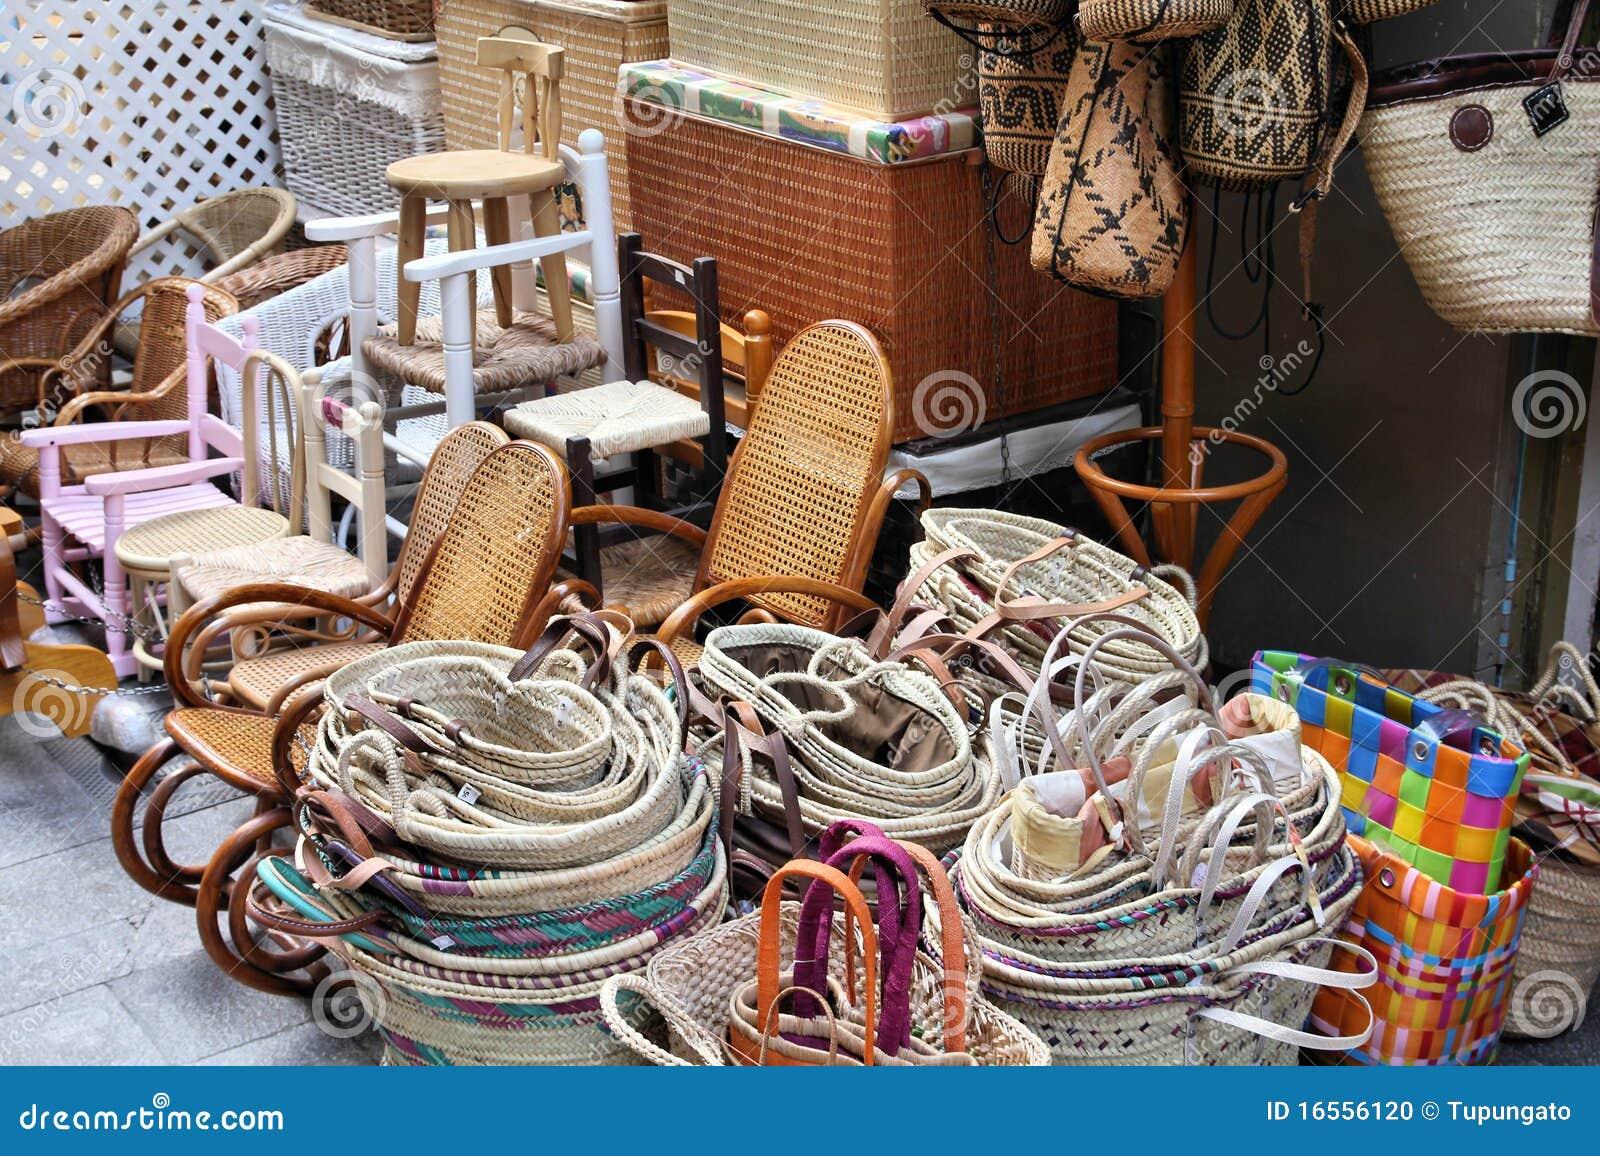 Cestas de mimbre foto de archivo imagen de mano muebles for Muebles de mimbre en valencia